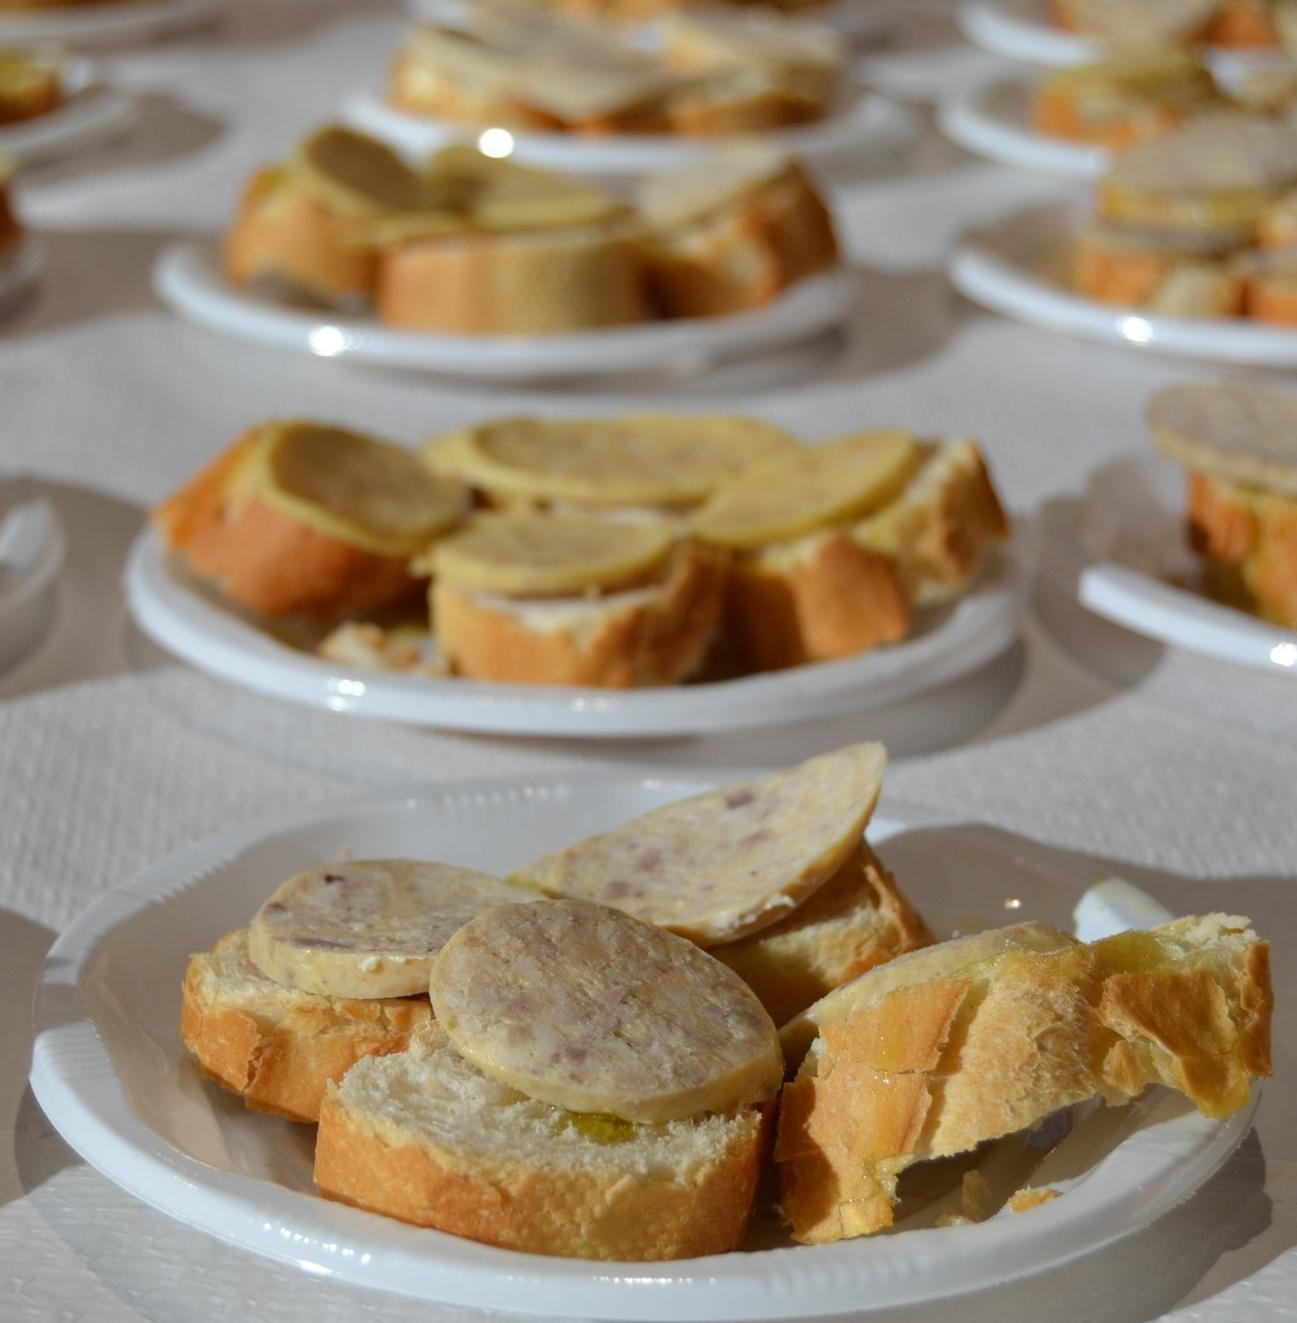 L'esmorzar amb botifarra d'ou del Dijous Gras al Mercat Central